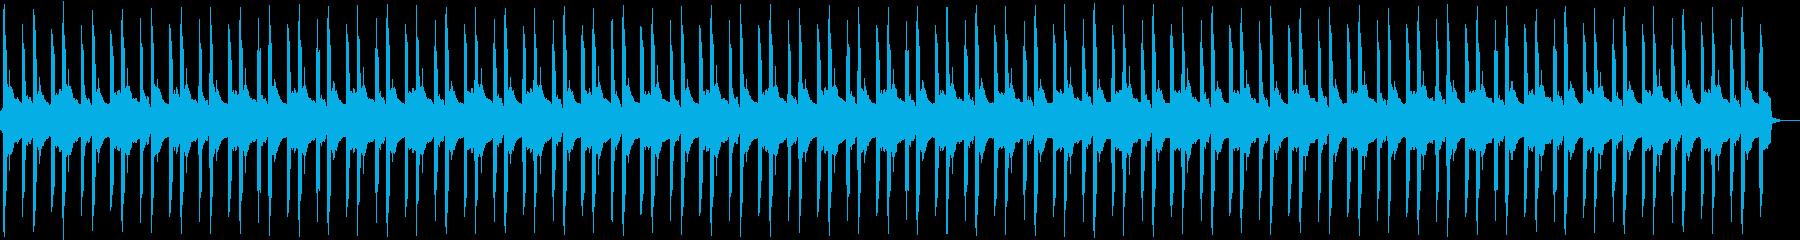 ゆったりとした場面転換や会話裏に使える曲の再生済みの波形